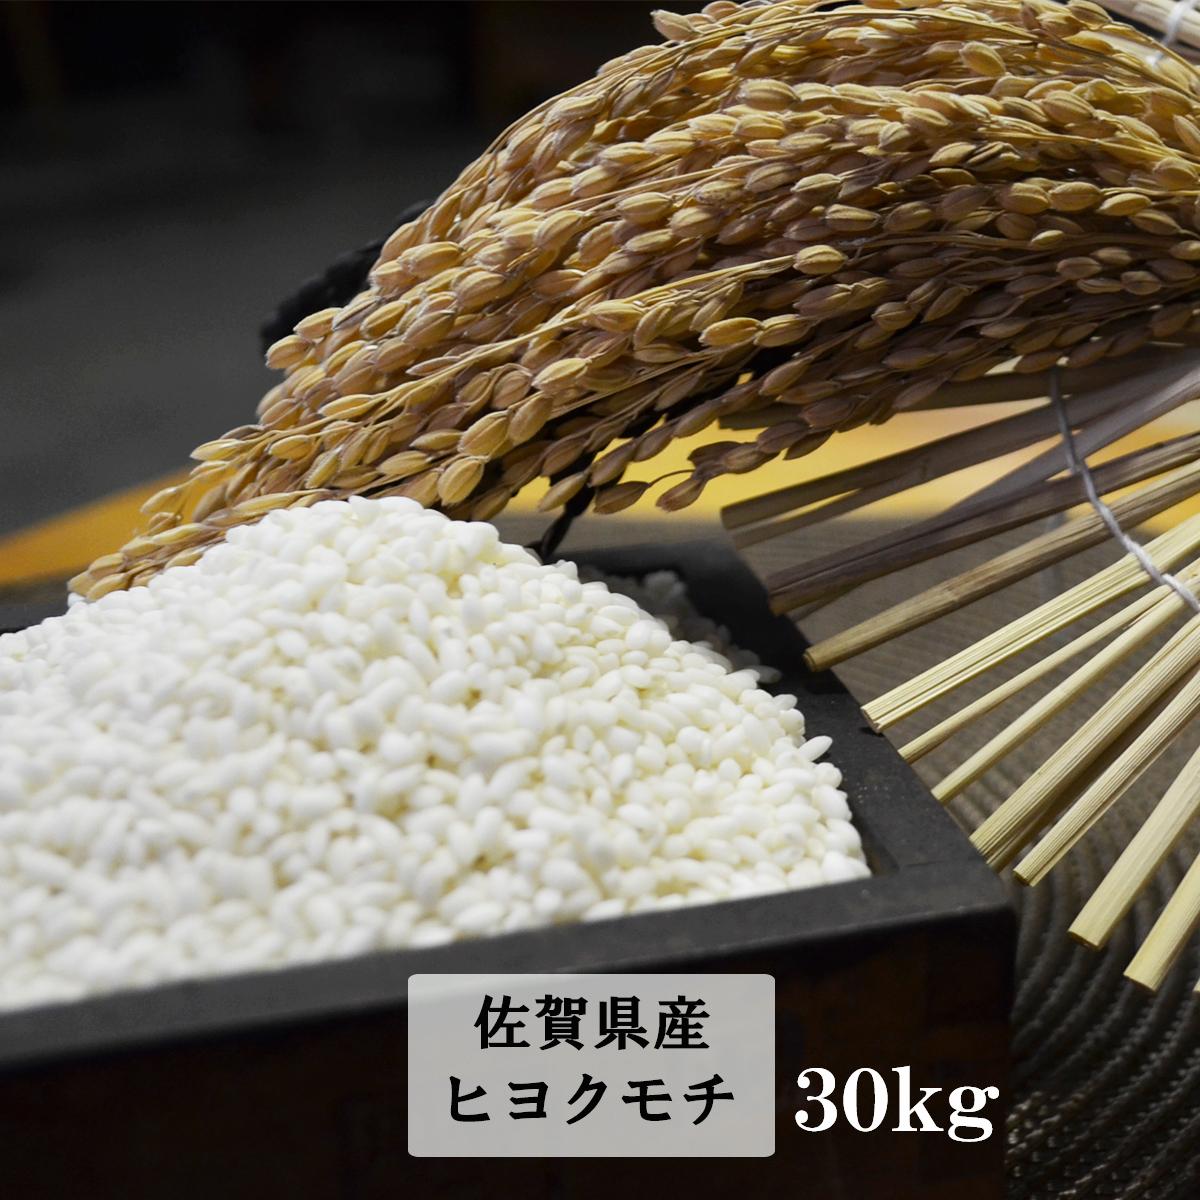 【ふるさと納税】E-32 鹿島市産もち米(ヒヨクモチ) 白米30kg